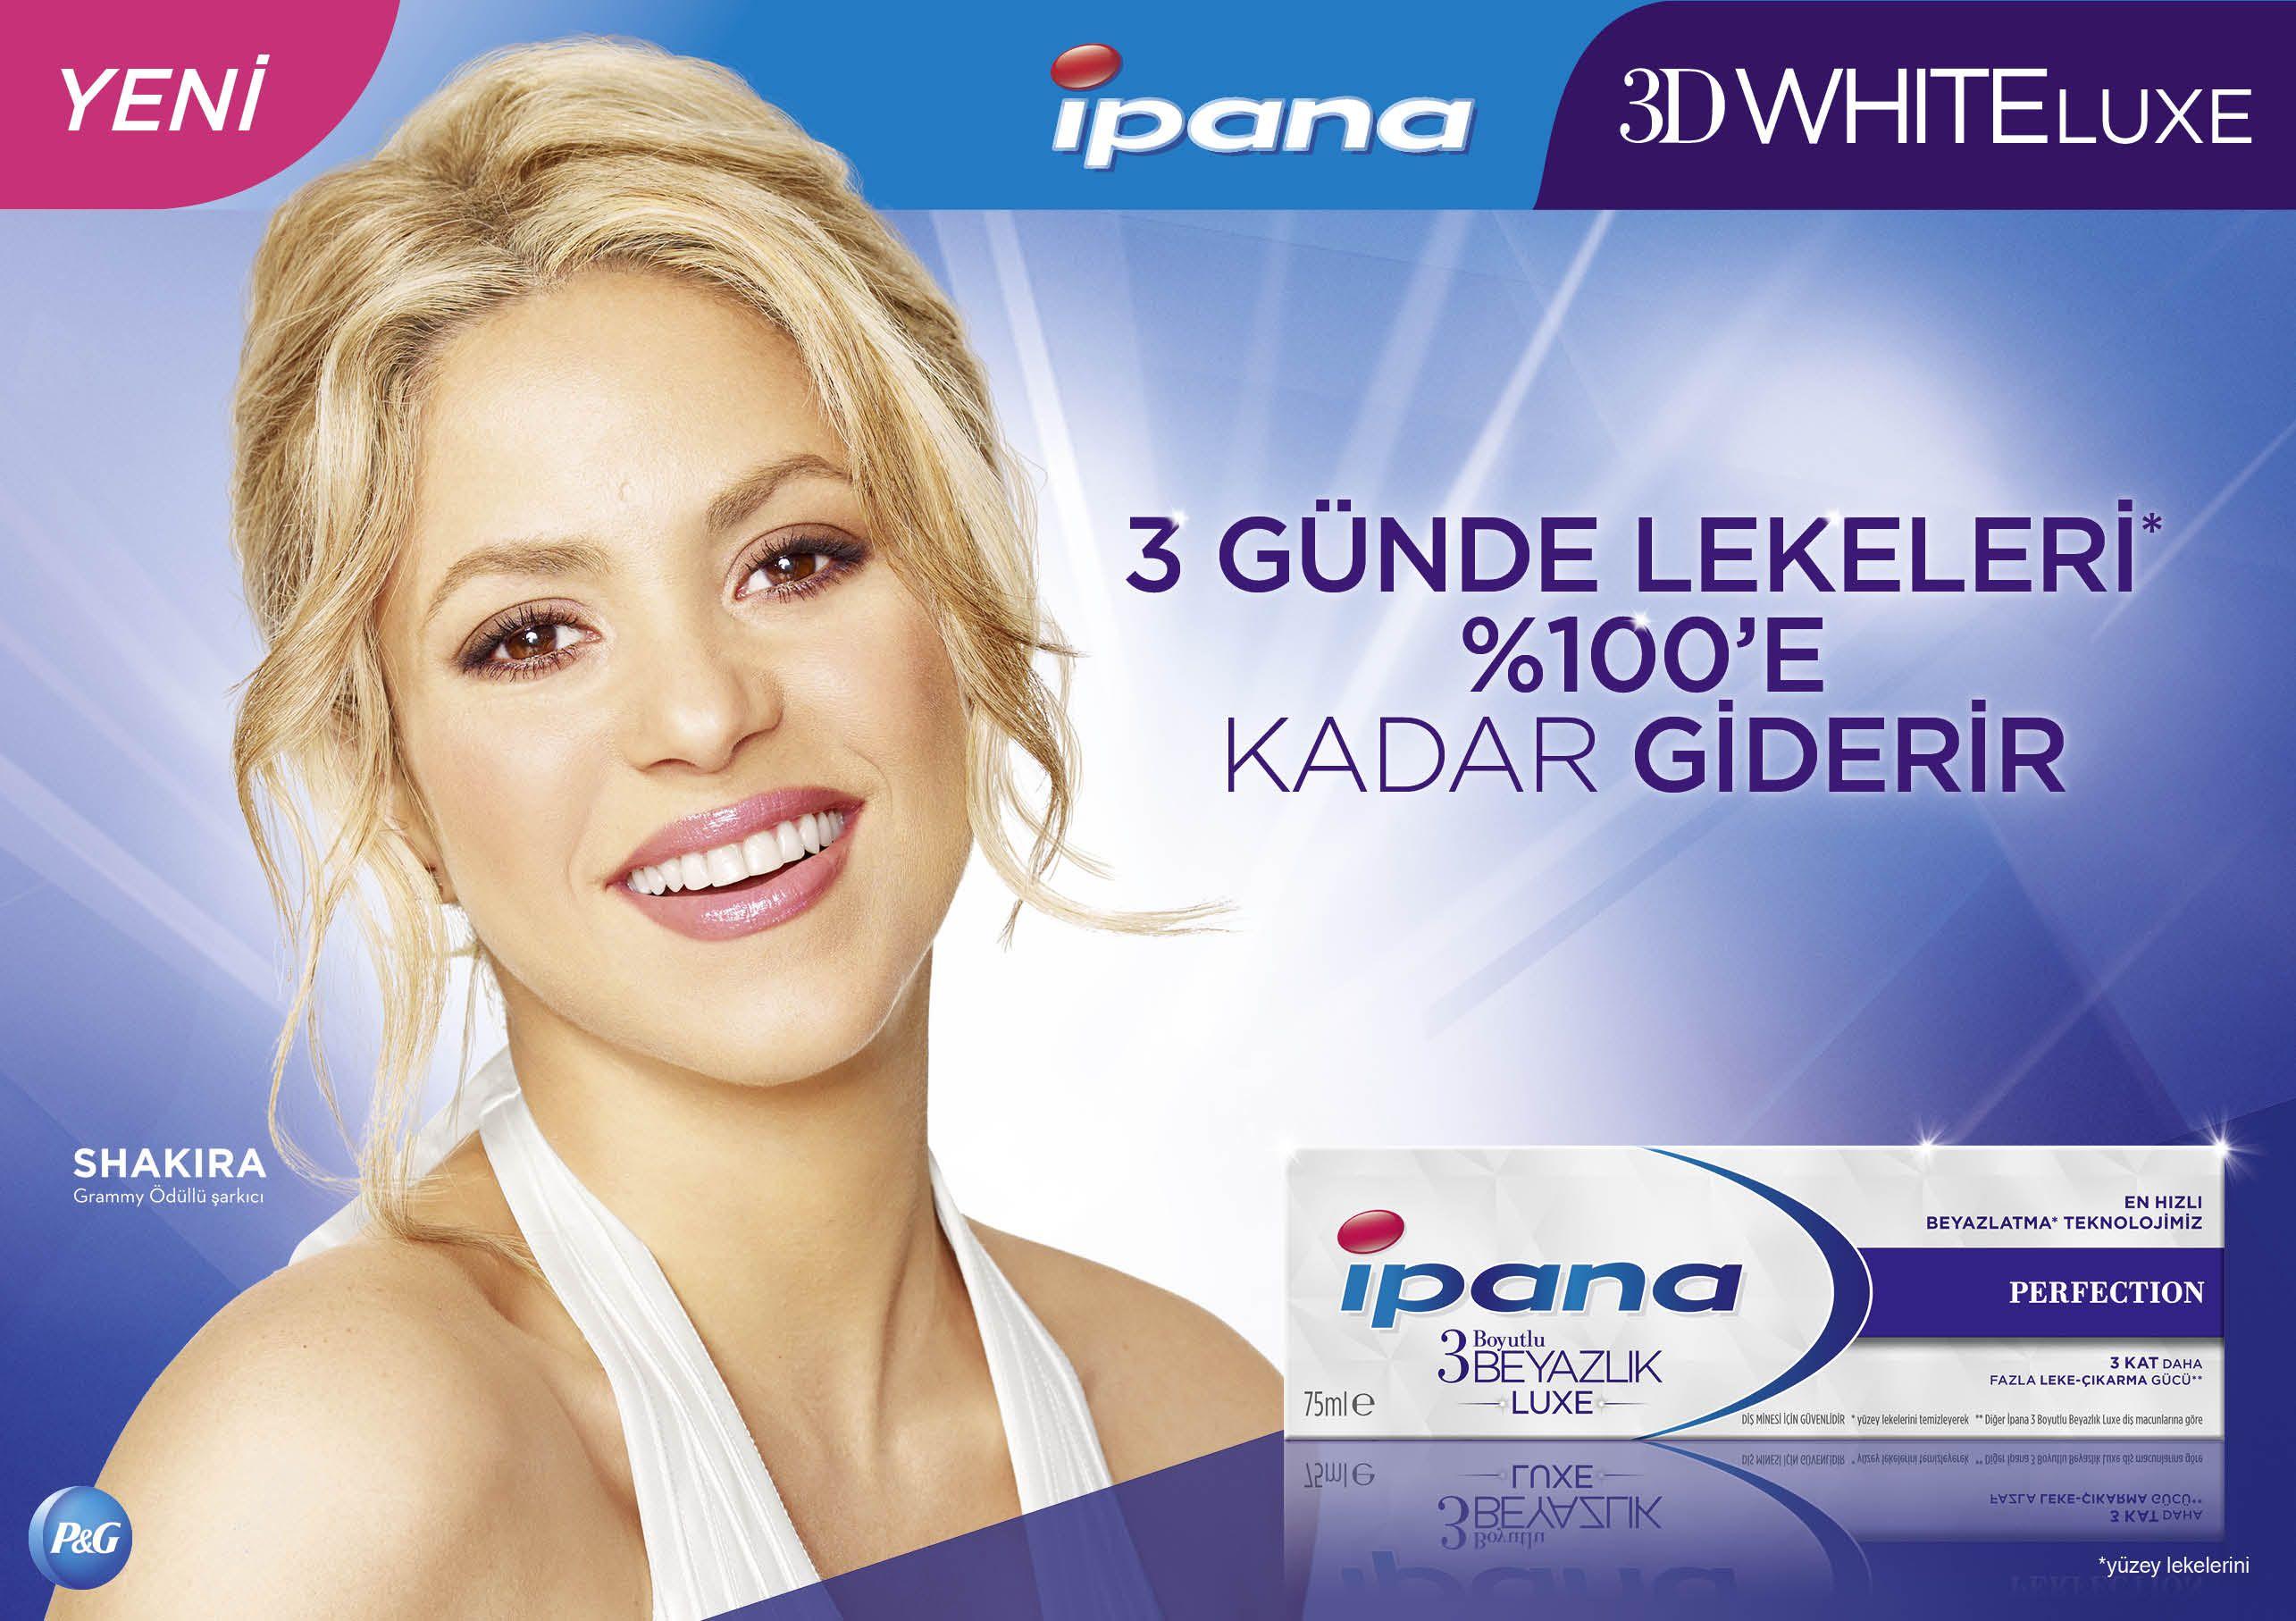 Sinem Pehlivan: İpana Luxe Perfection Beyazlatıcı Diş Macunu yorum...